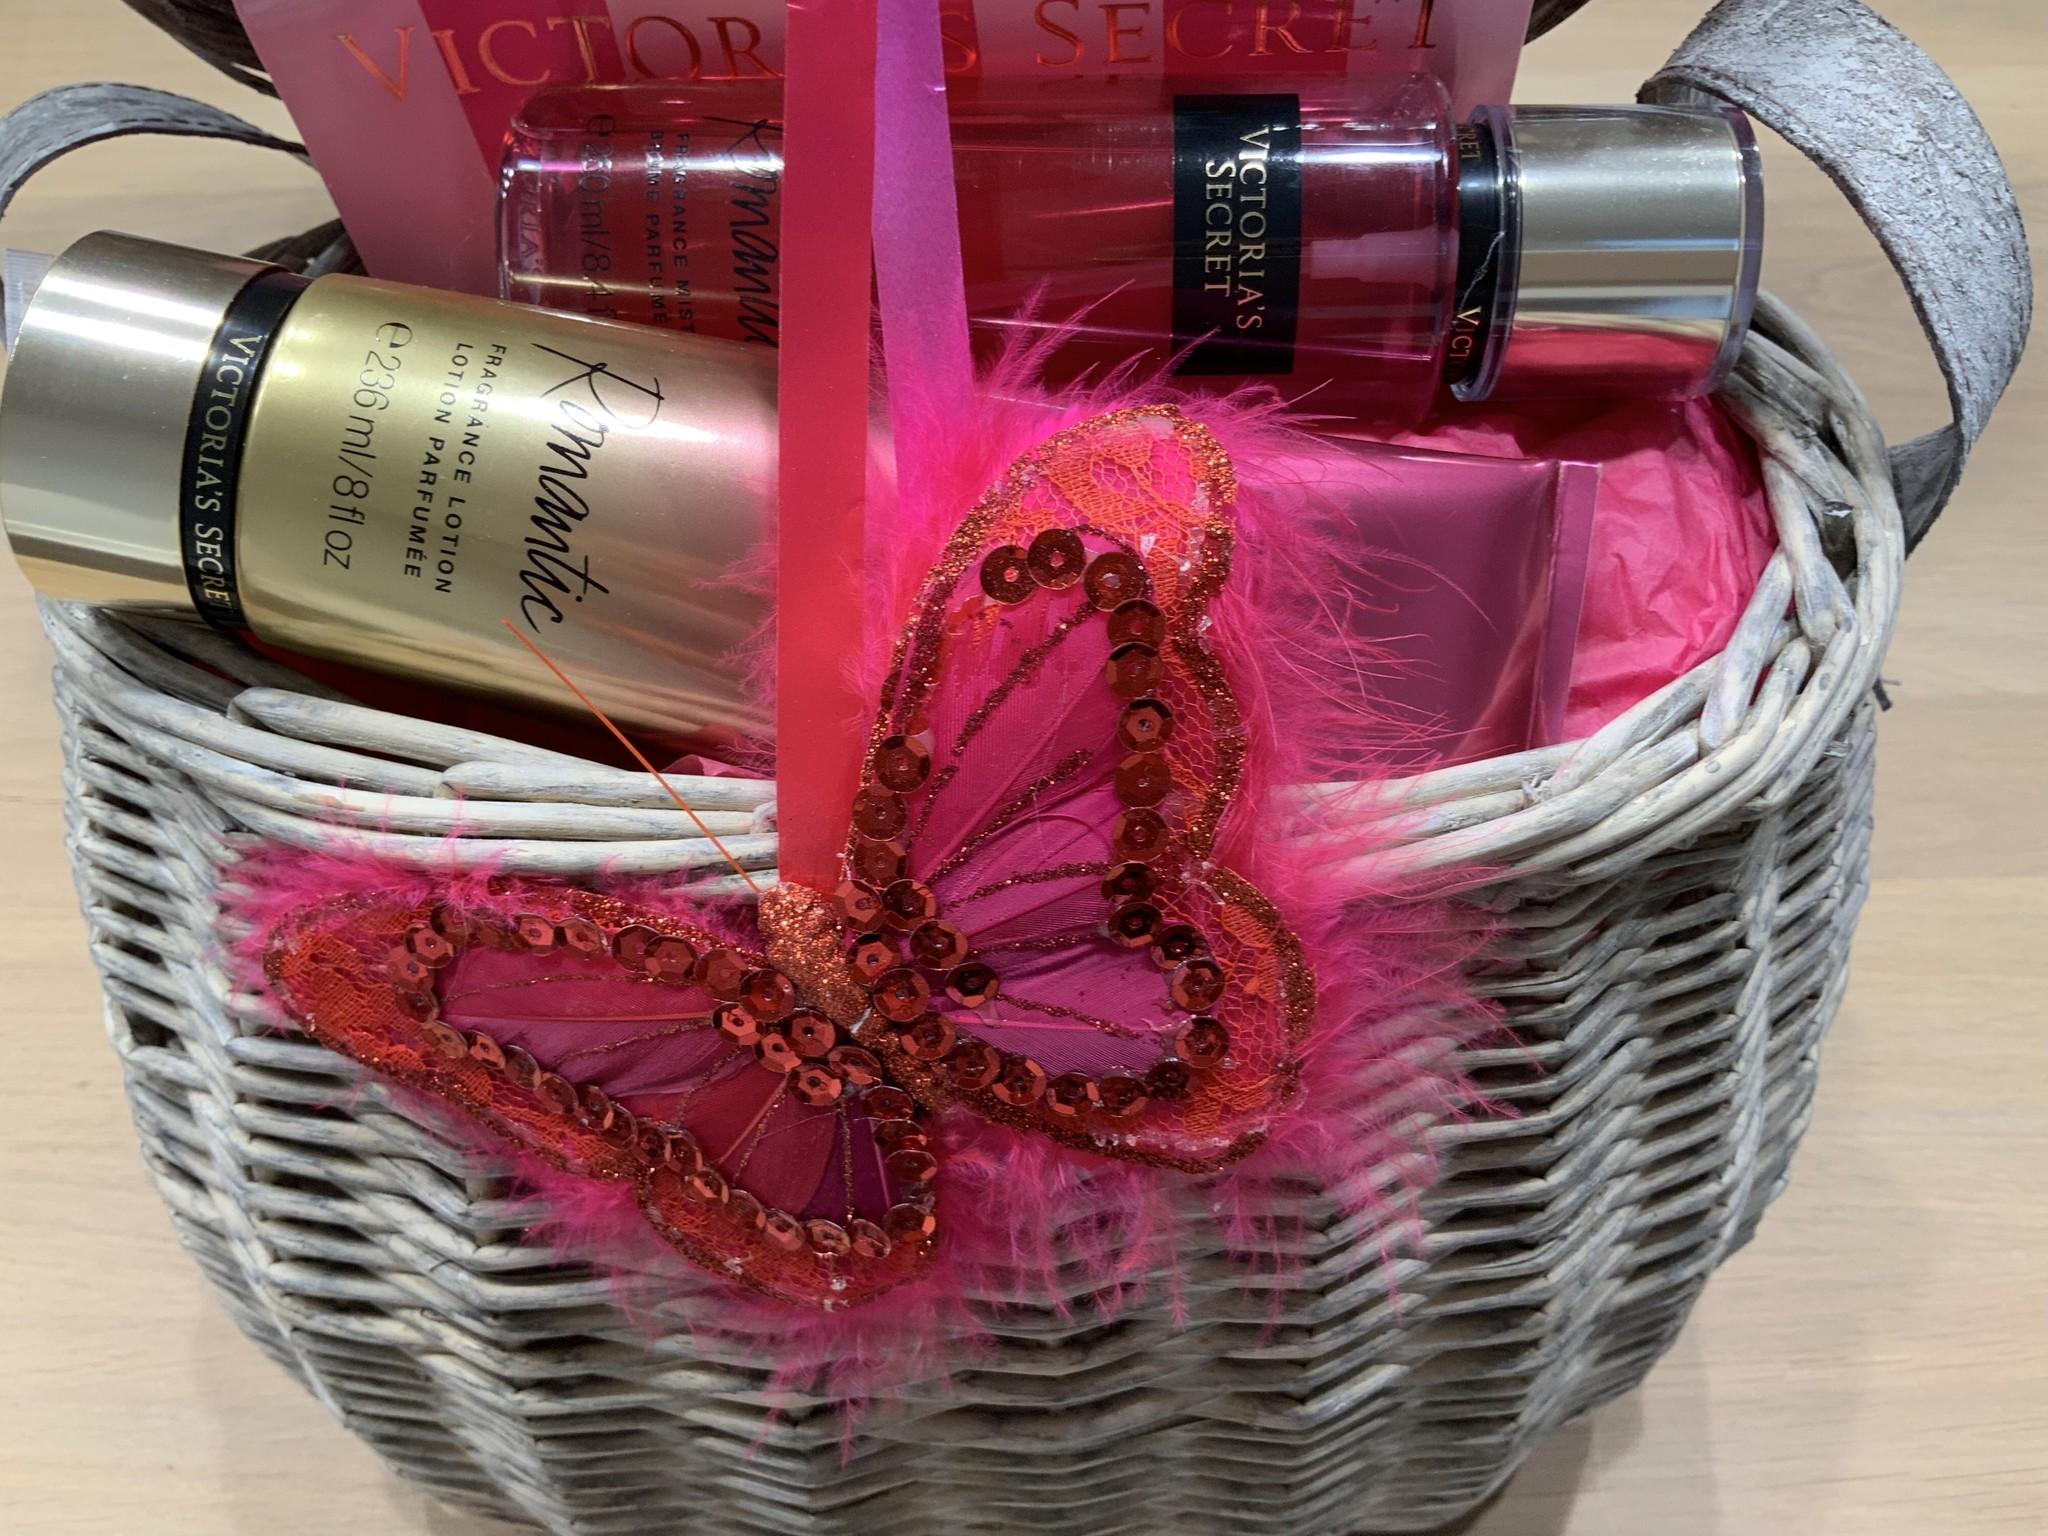 Victoria's Secret Verjaardag cadeau SUMMER TAN Victoria's Secret